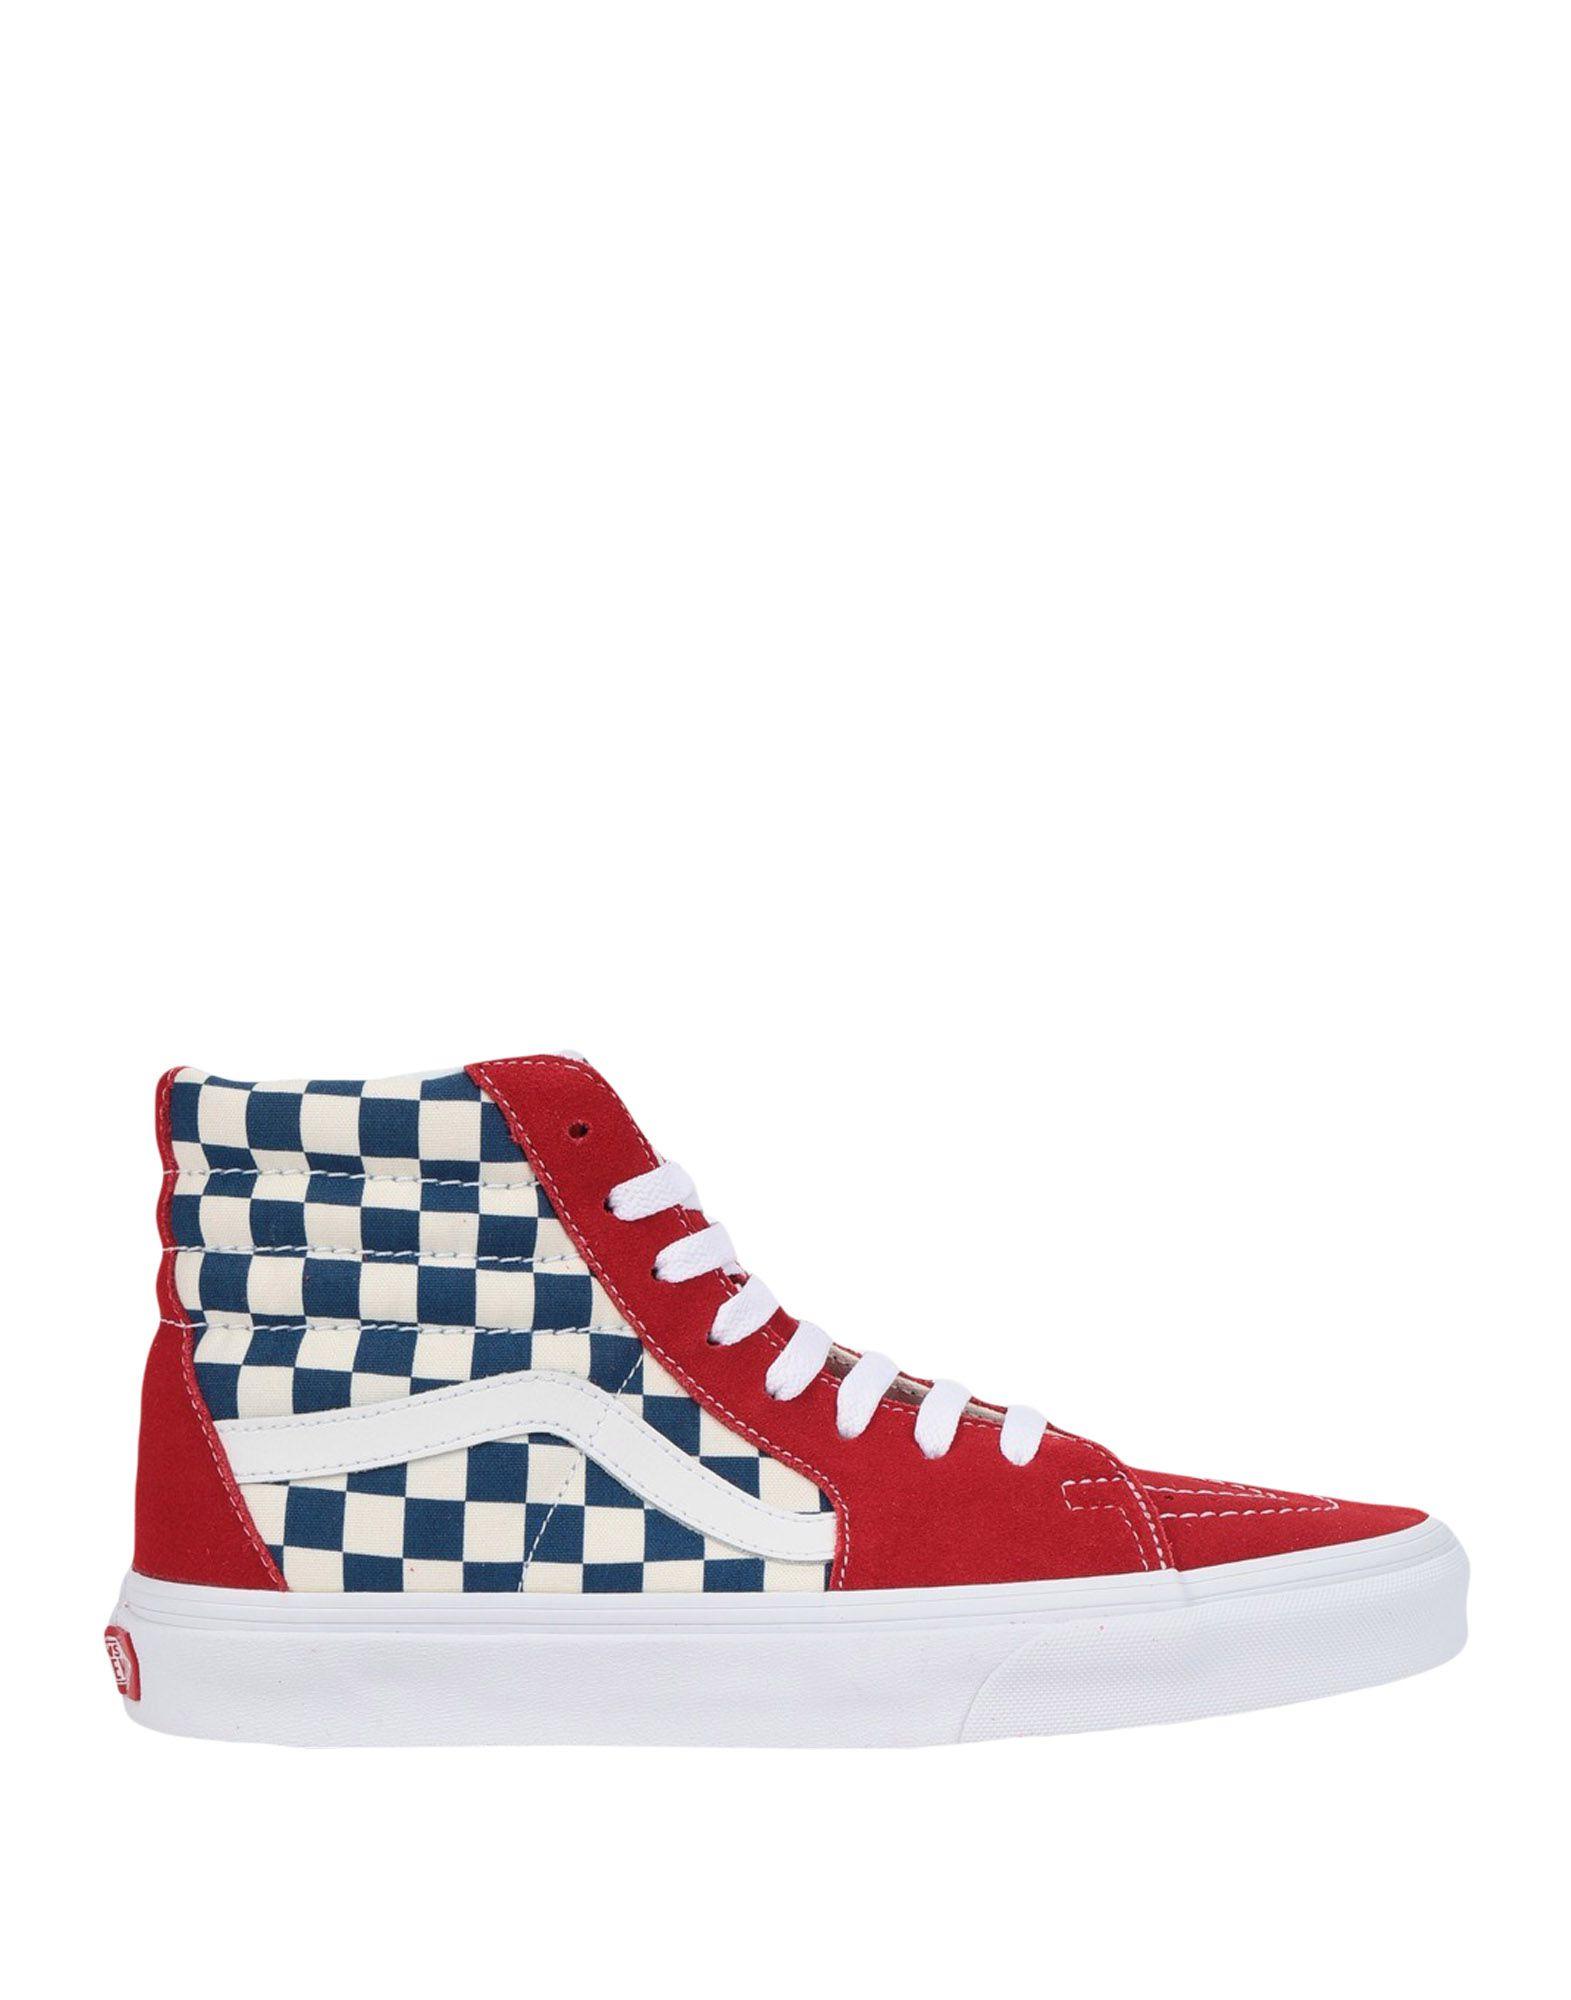 a1dde00832 Vans Ua Sk8-Hi (Bmx Checkerboard) - Sneakers - Men Vans Sneakers ...